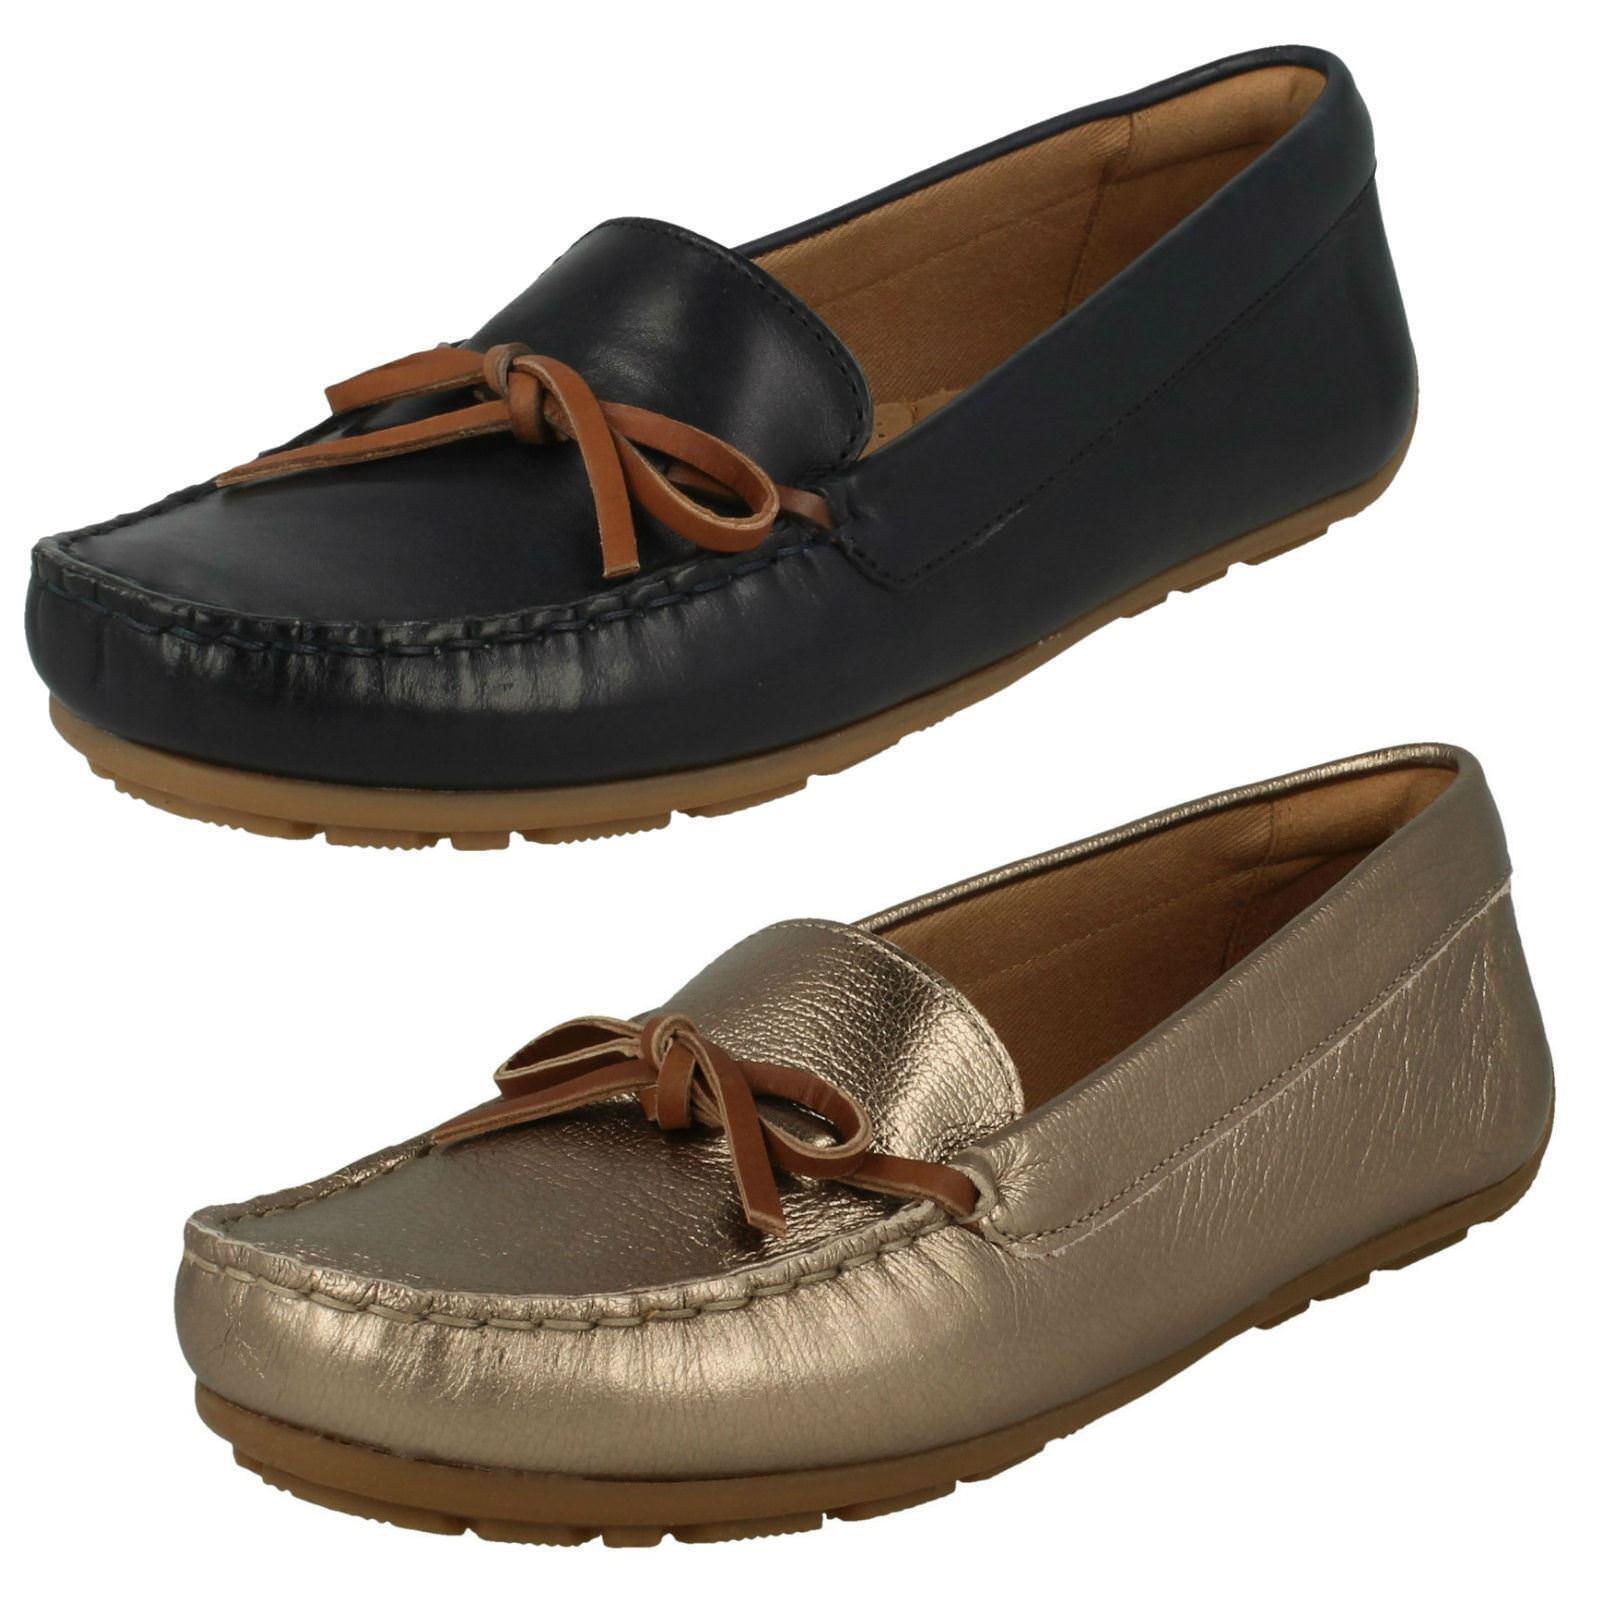 Clarks Damen Mokassin Stil Schuhe' Dameo Swing '